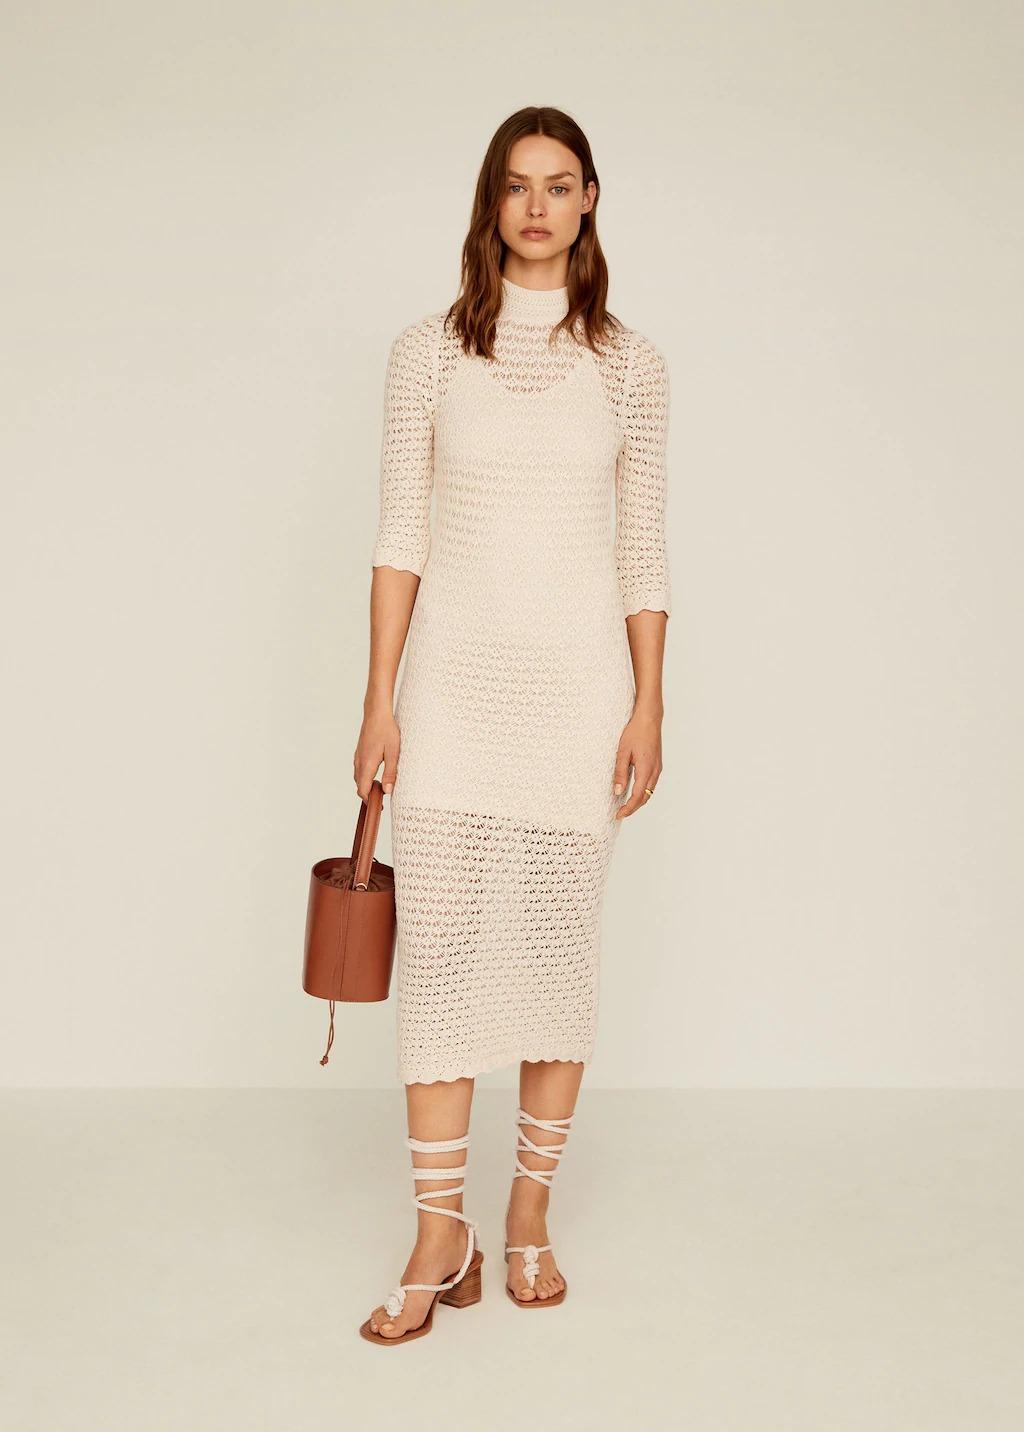 Đầm đan móc màu trắng sữa từ Mango